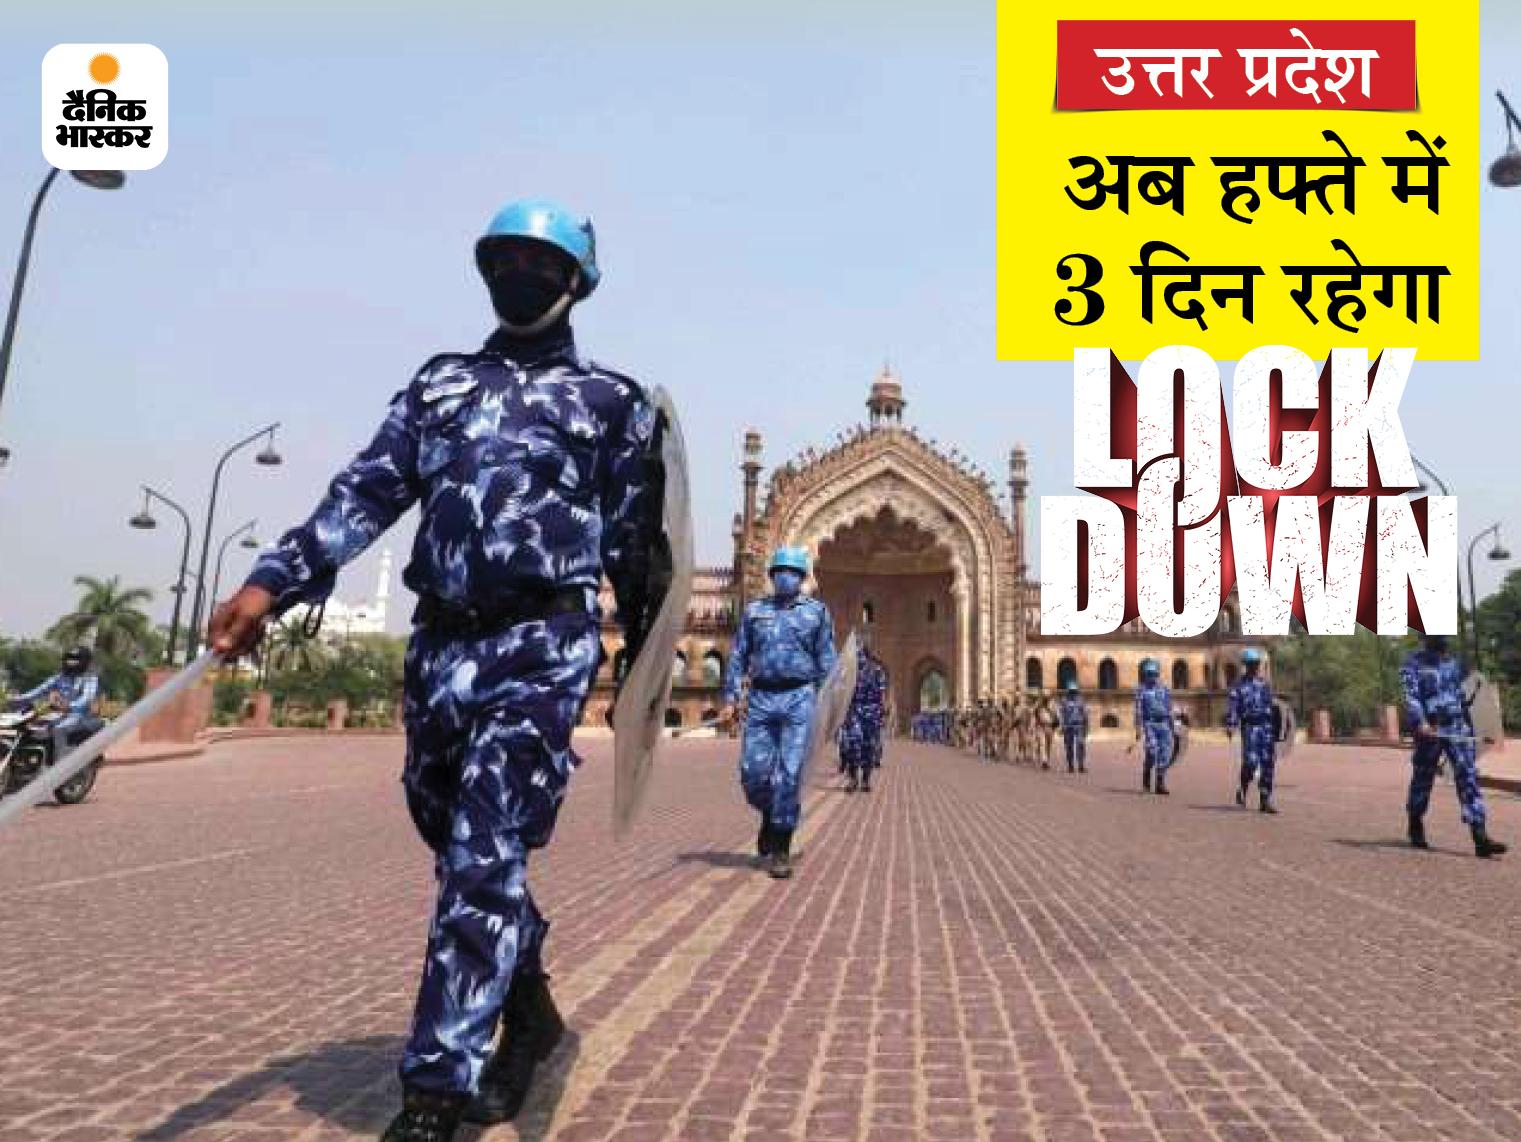 अब शुक्रवार रात 8 बजे से मंगलवार सुबह 7 बजे तक 83 घंटे रहेगी बंदी, 2 मई को पंचायत चुनाव परिणाम के चलते लिया फैसला|लखनऊ,Lucknow - Dainik Bhaskar